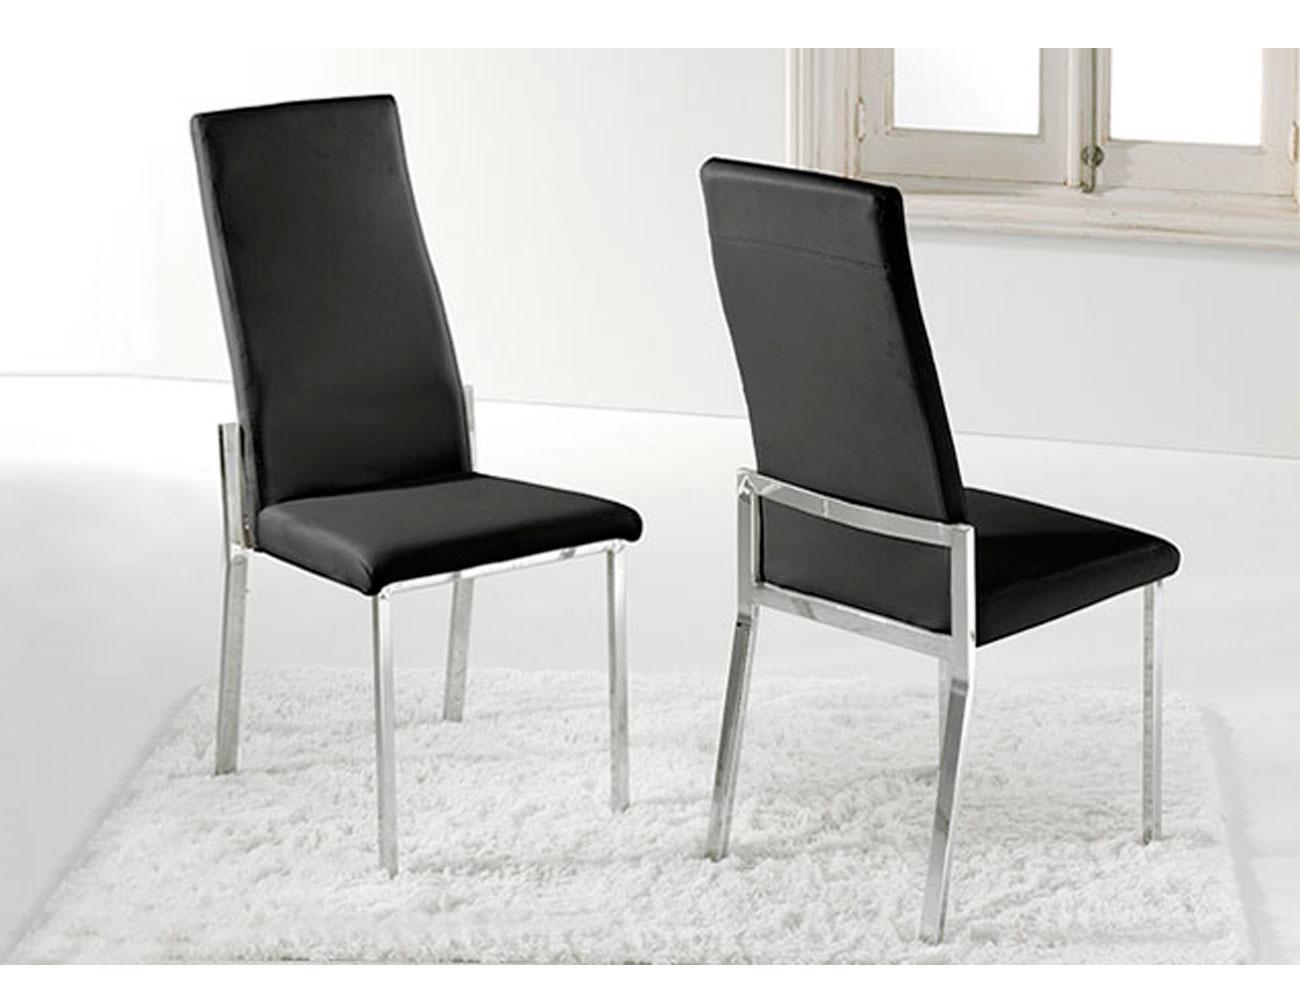 pack de sillas comedor tapizada en polipiel color On sillas comedor polipiel